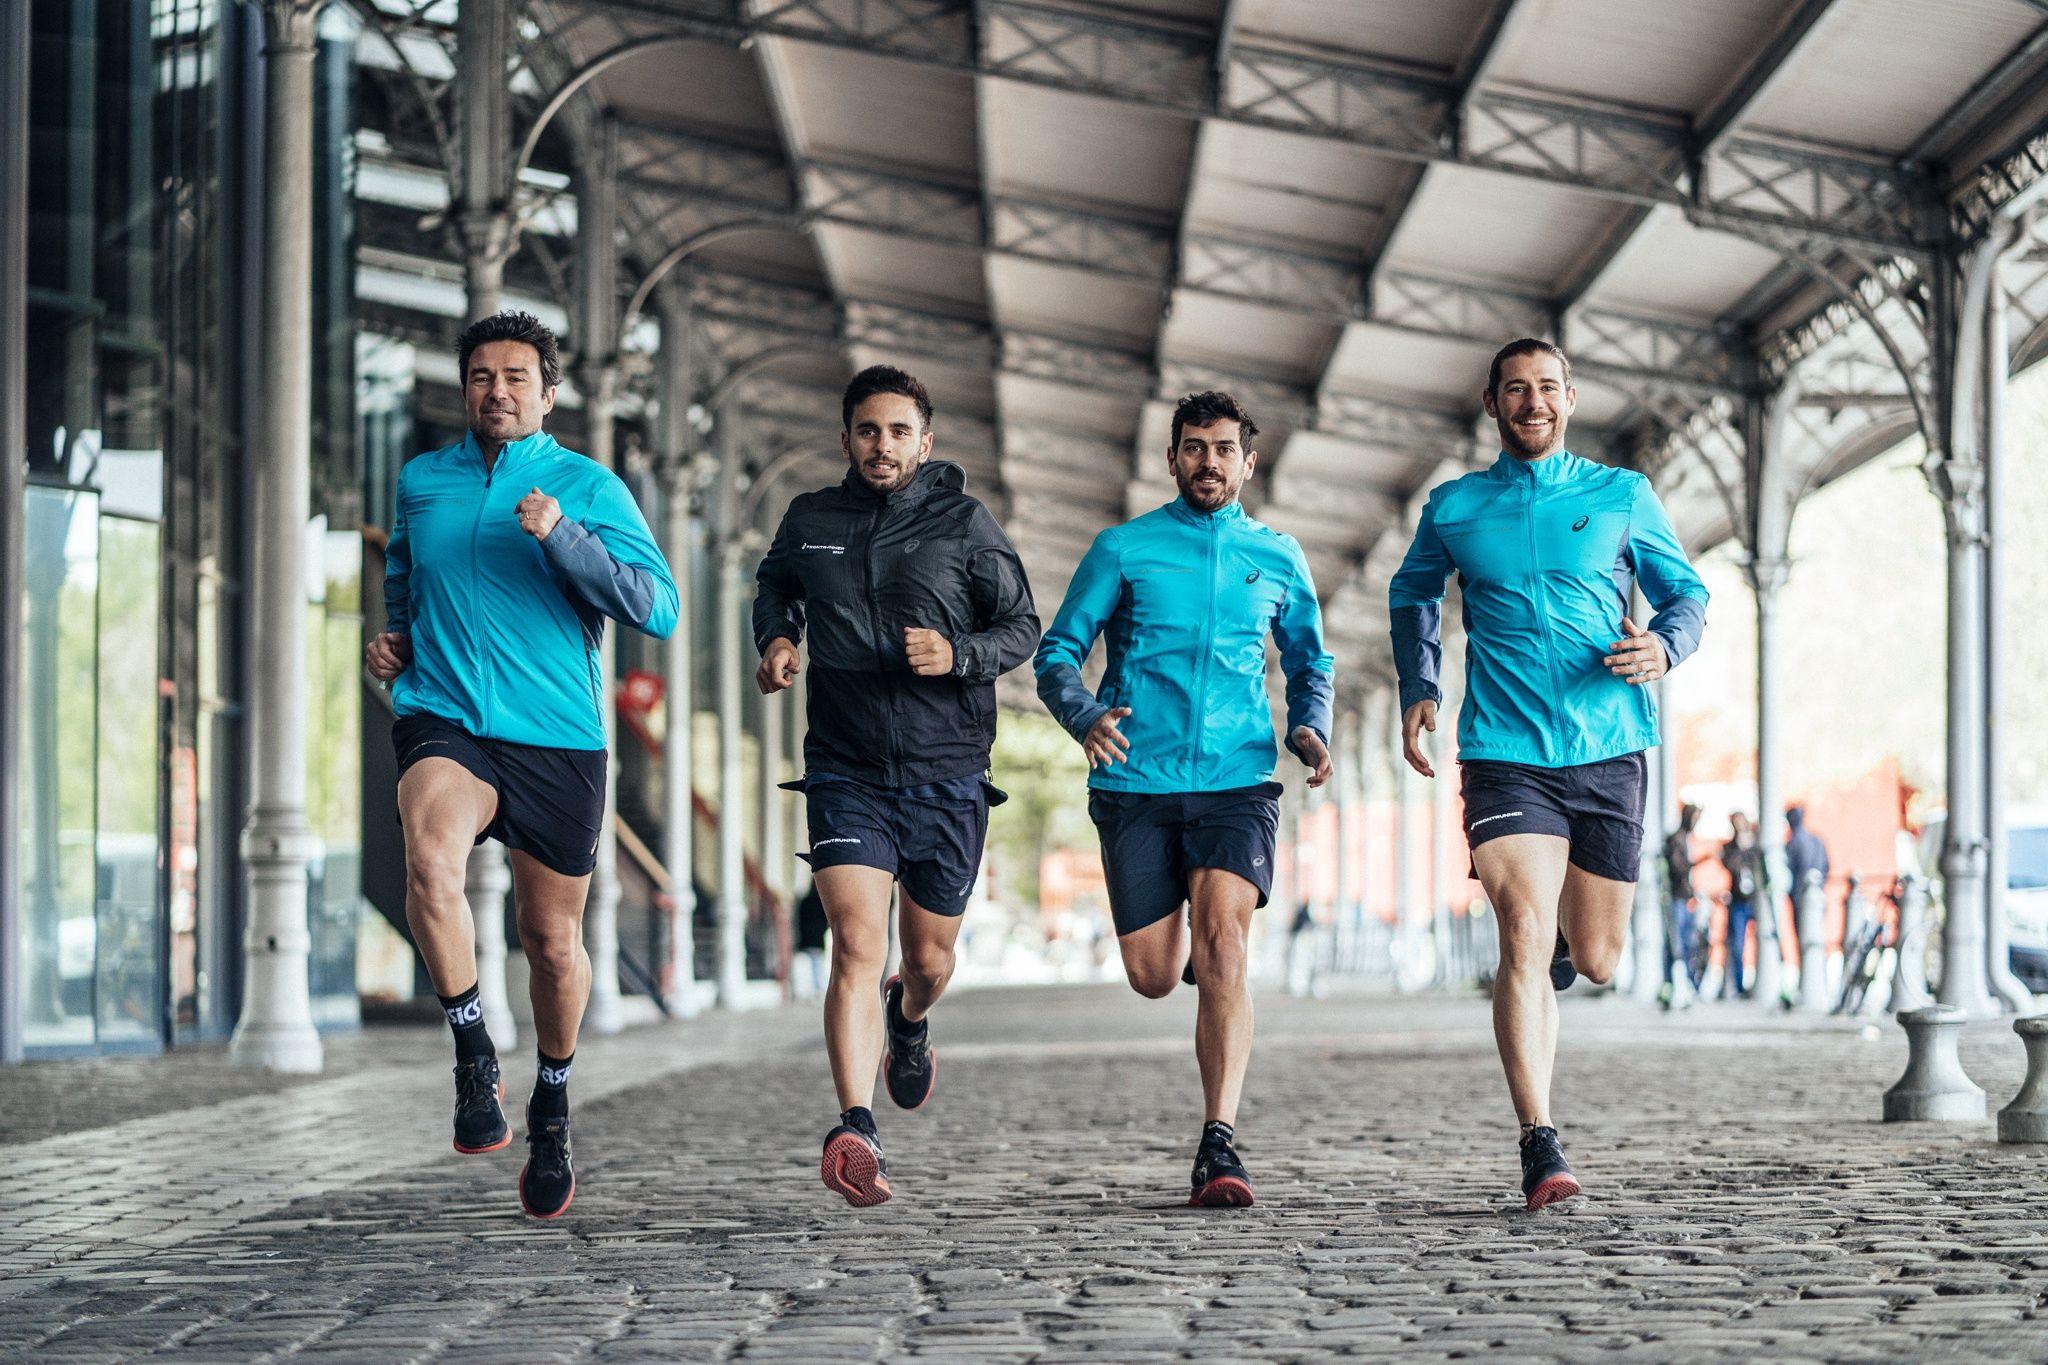 Desear audiencia Establecer  El running 'made in' Japón, un negocio de 4.650 millones...